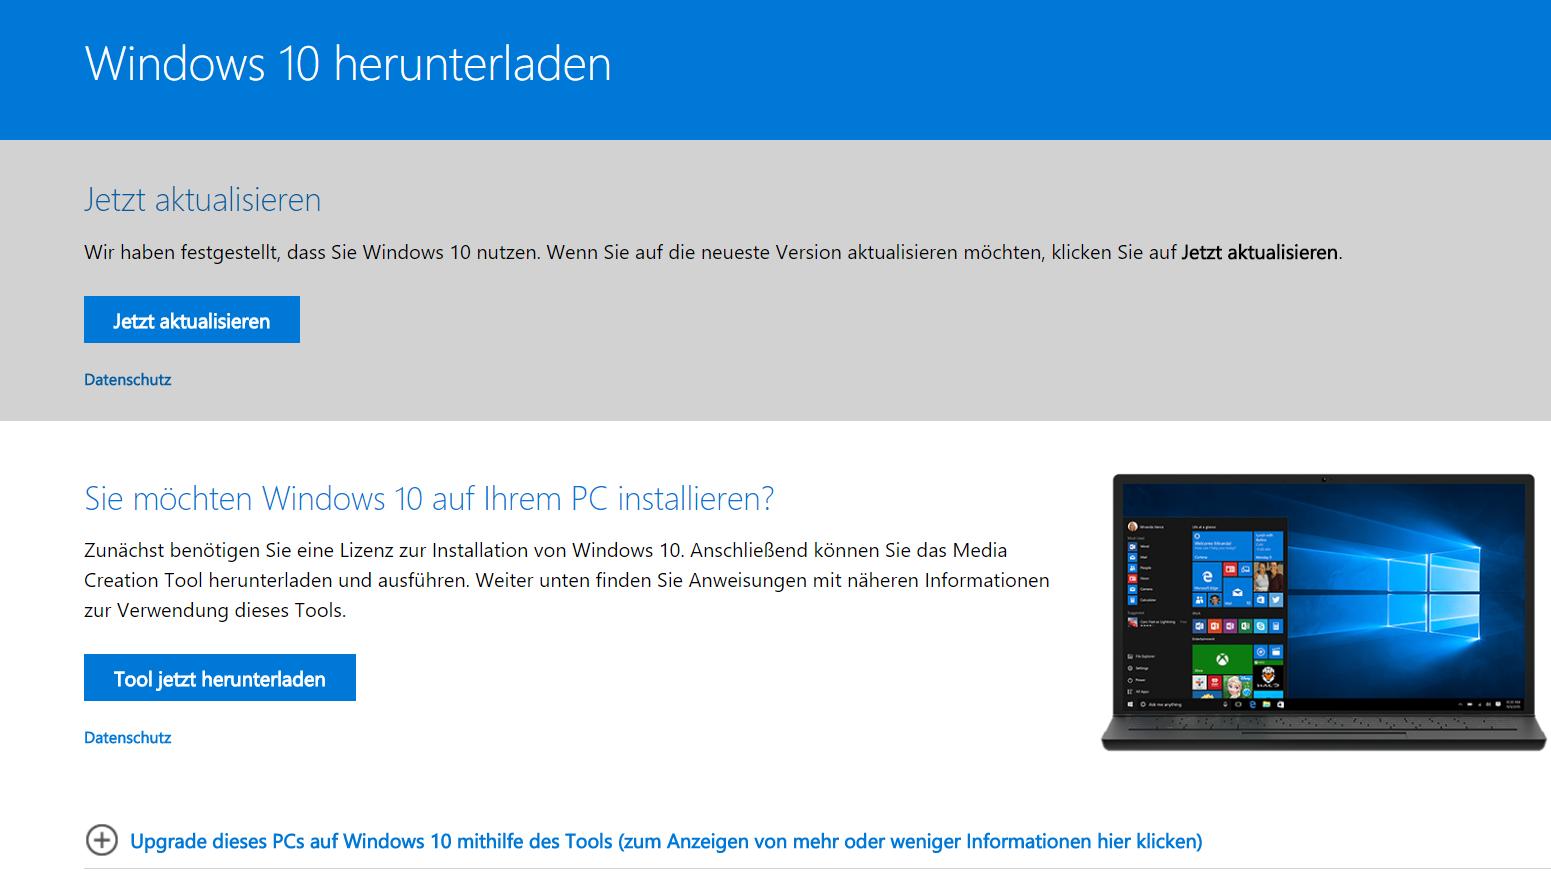 Windows 10 raspberry pi 3 download deutsch